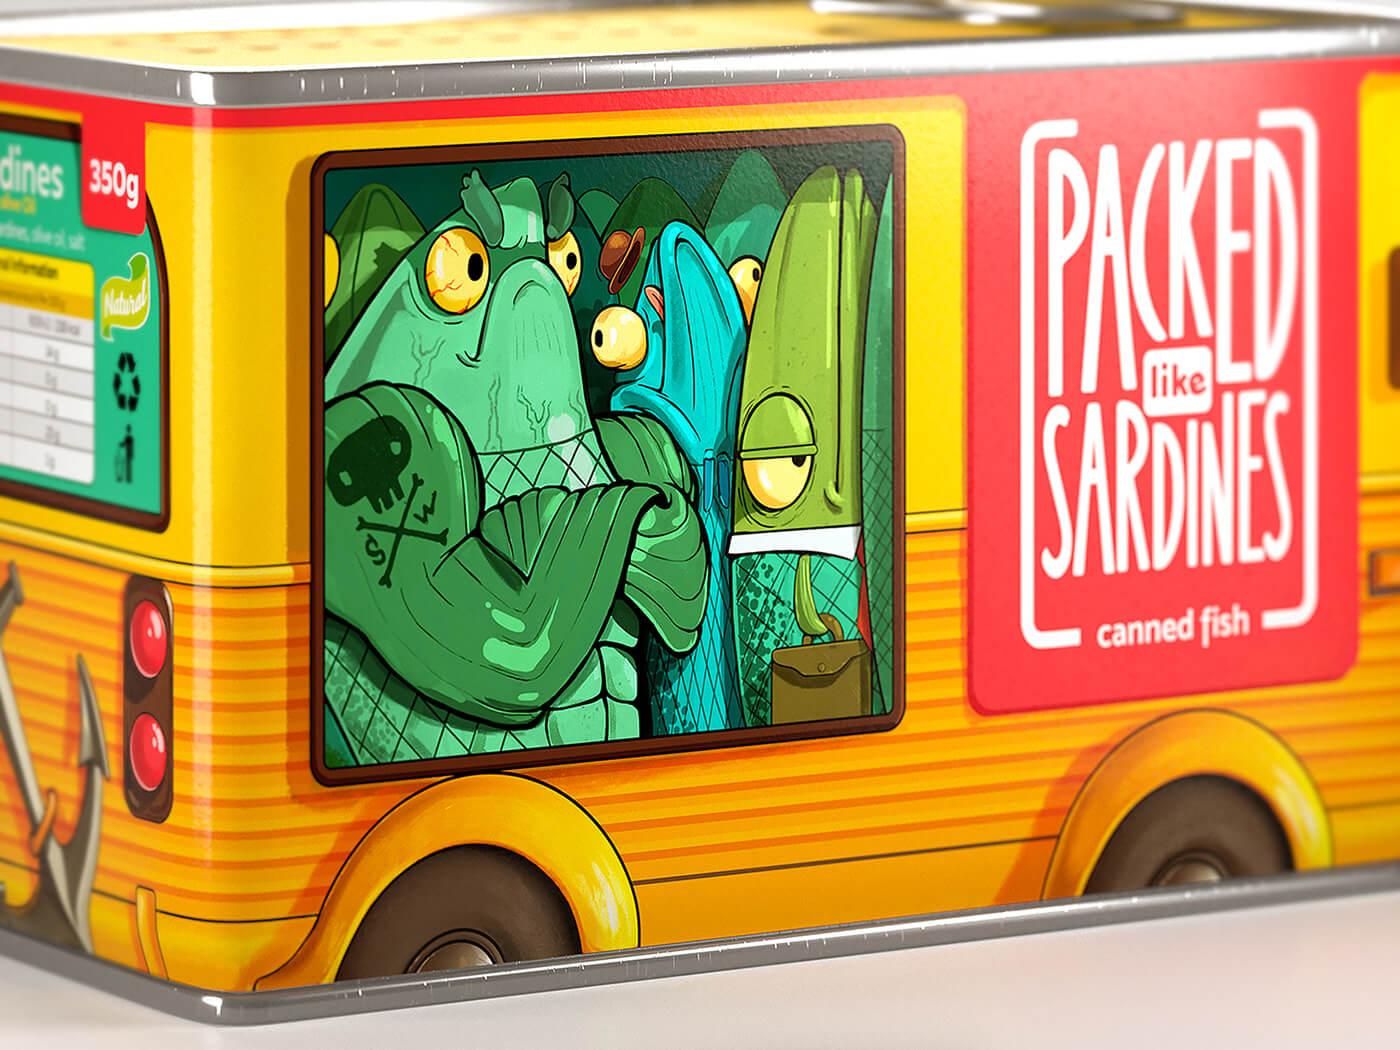 Brandiziac Packed like Sardines | Packaging